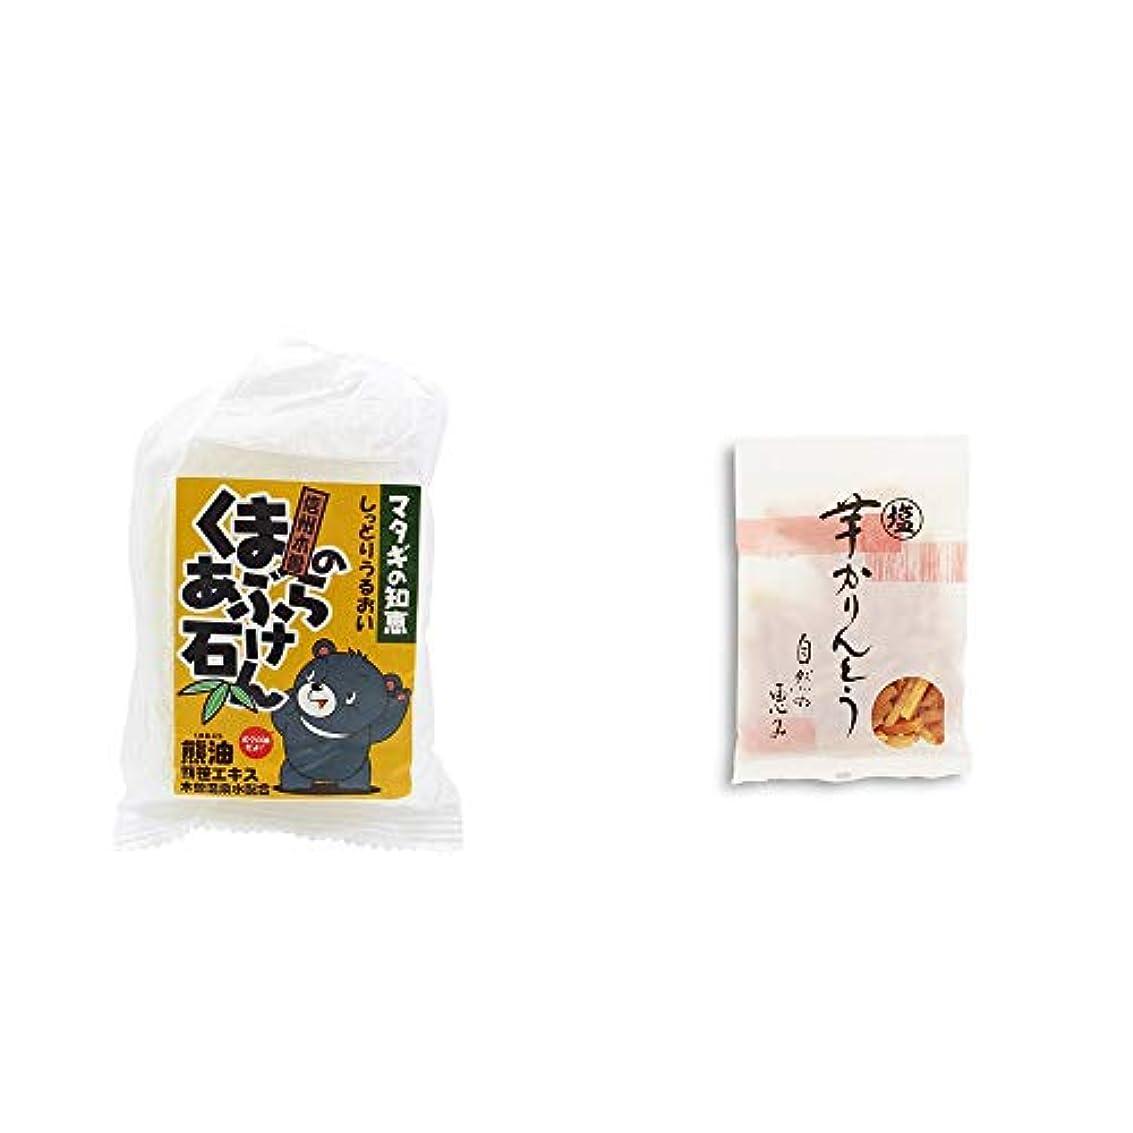 値するマトン輸血[2点セット] 信州木曽 くまのあぶら石けん(80g)?塩芋かりんとう(150g)